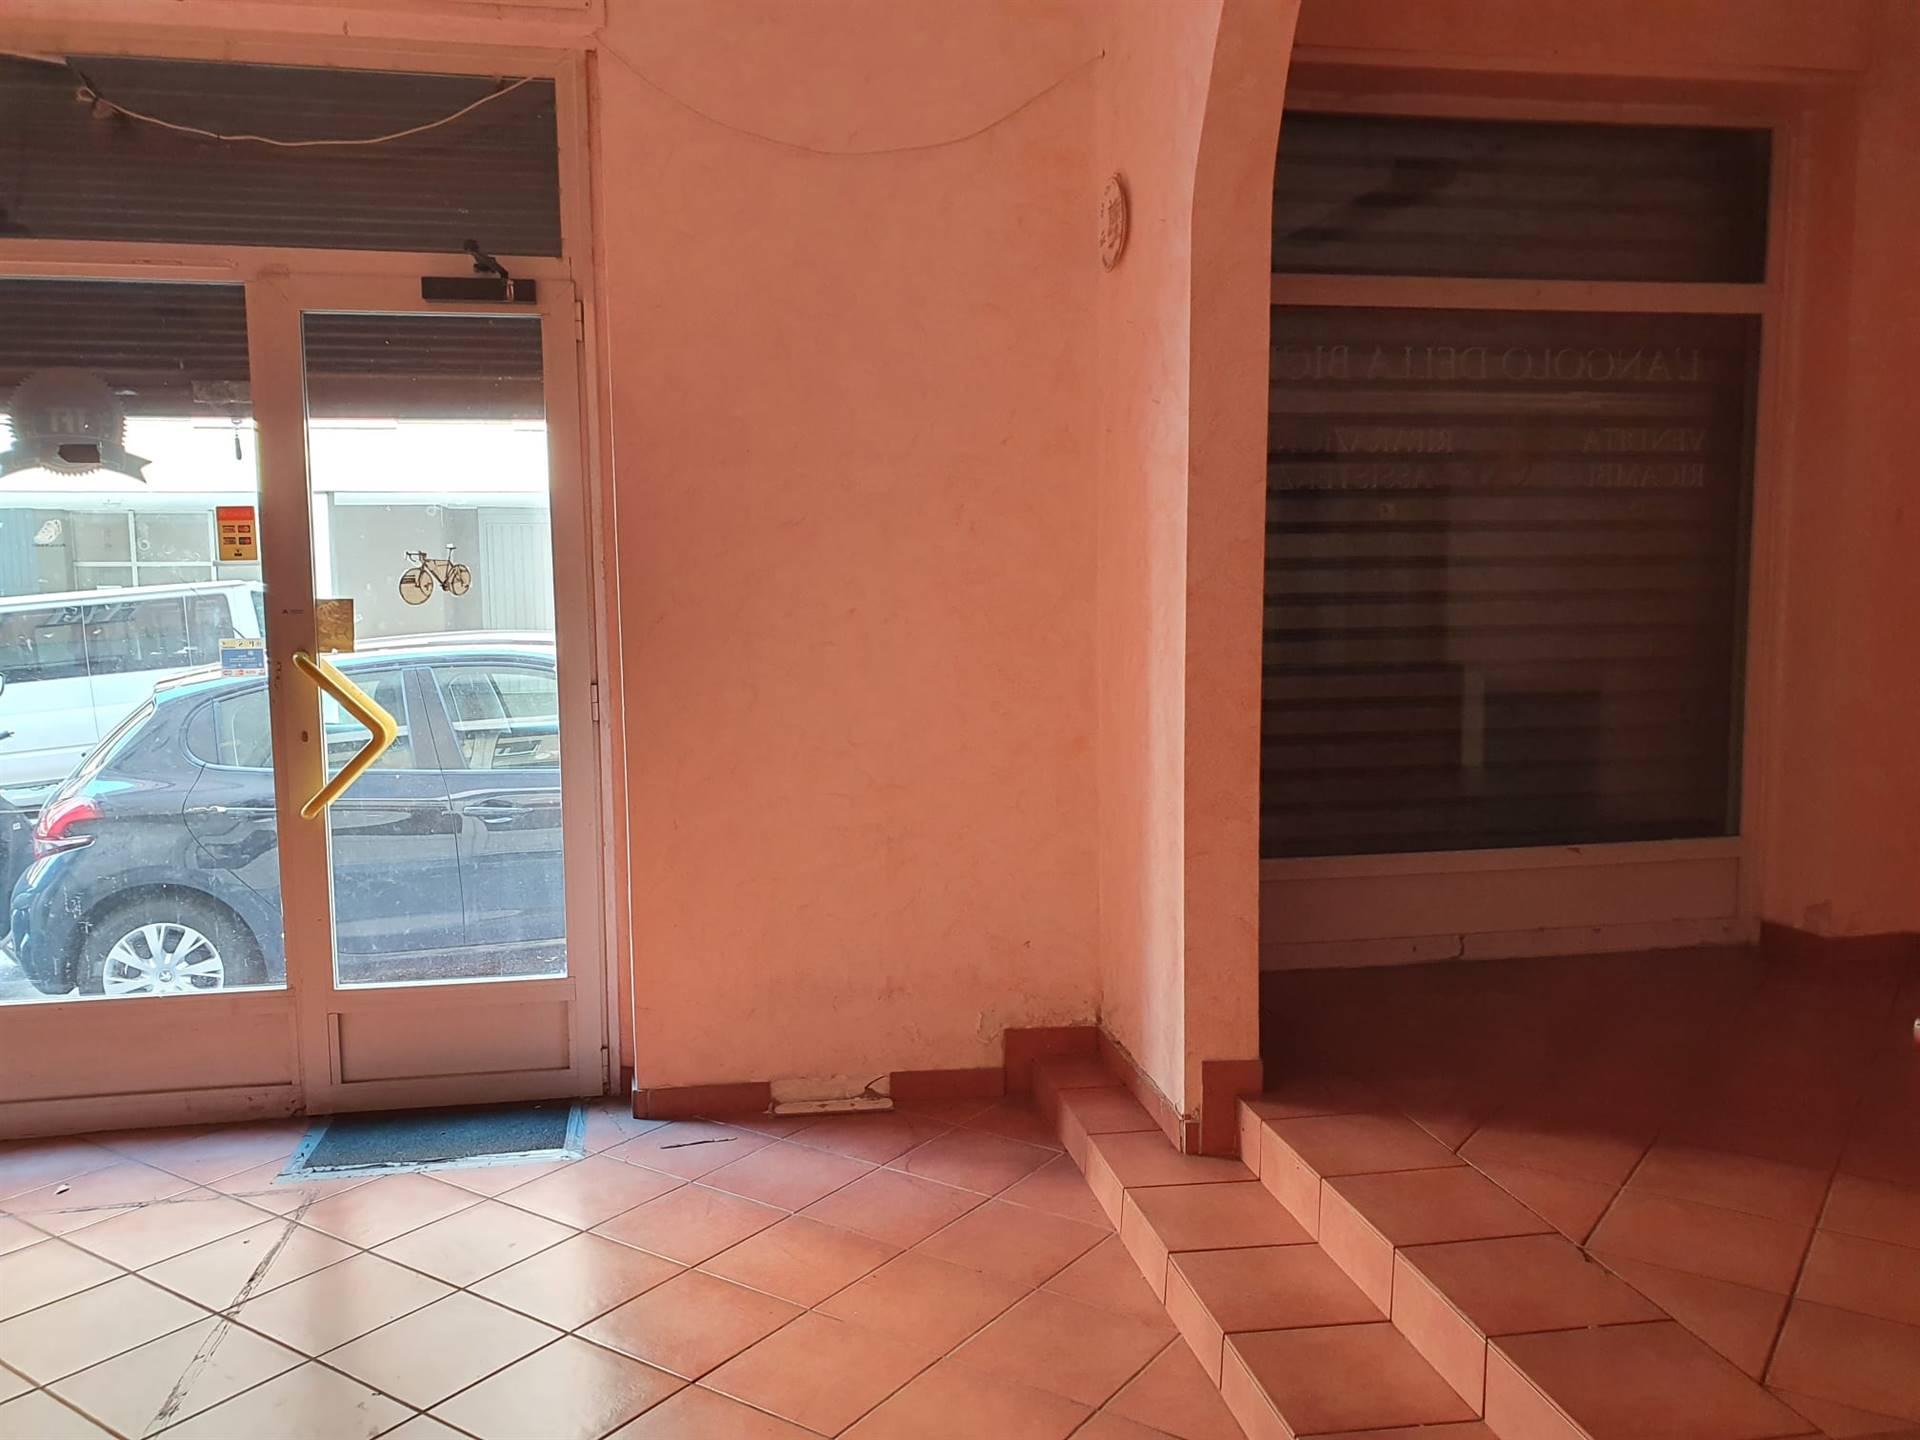 Negozio / Locale in vendita a Trieste, 9999 locali, zona Località: COLOGNA, prezzo € 55.000   CambioCasa.it